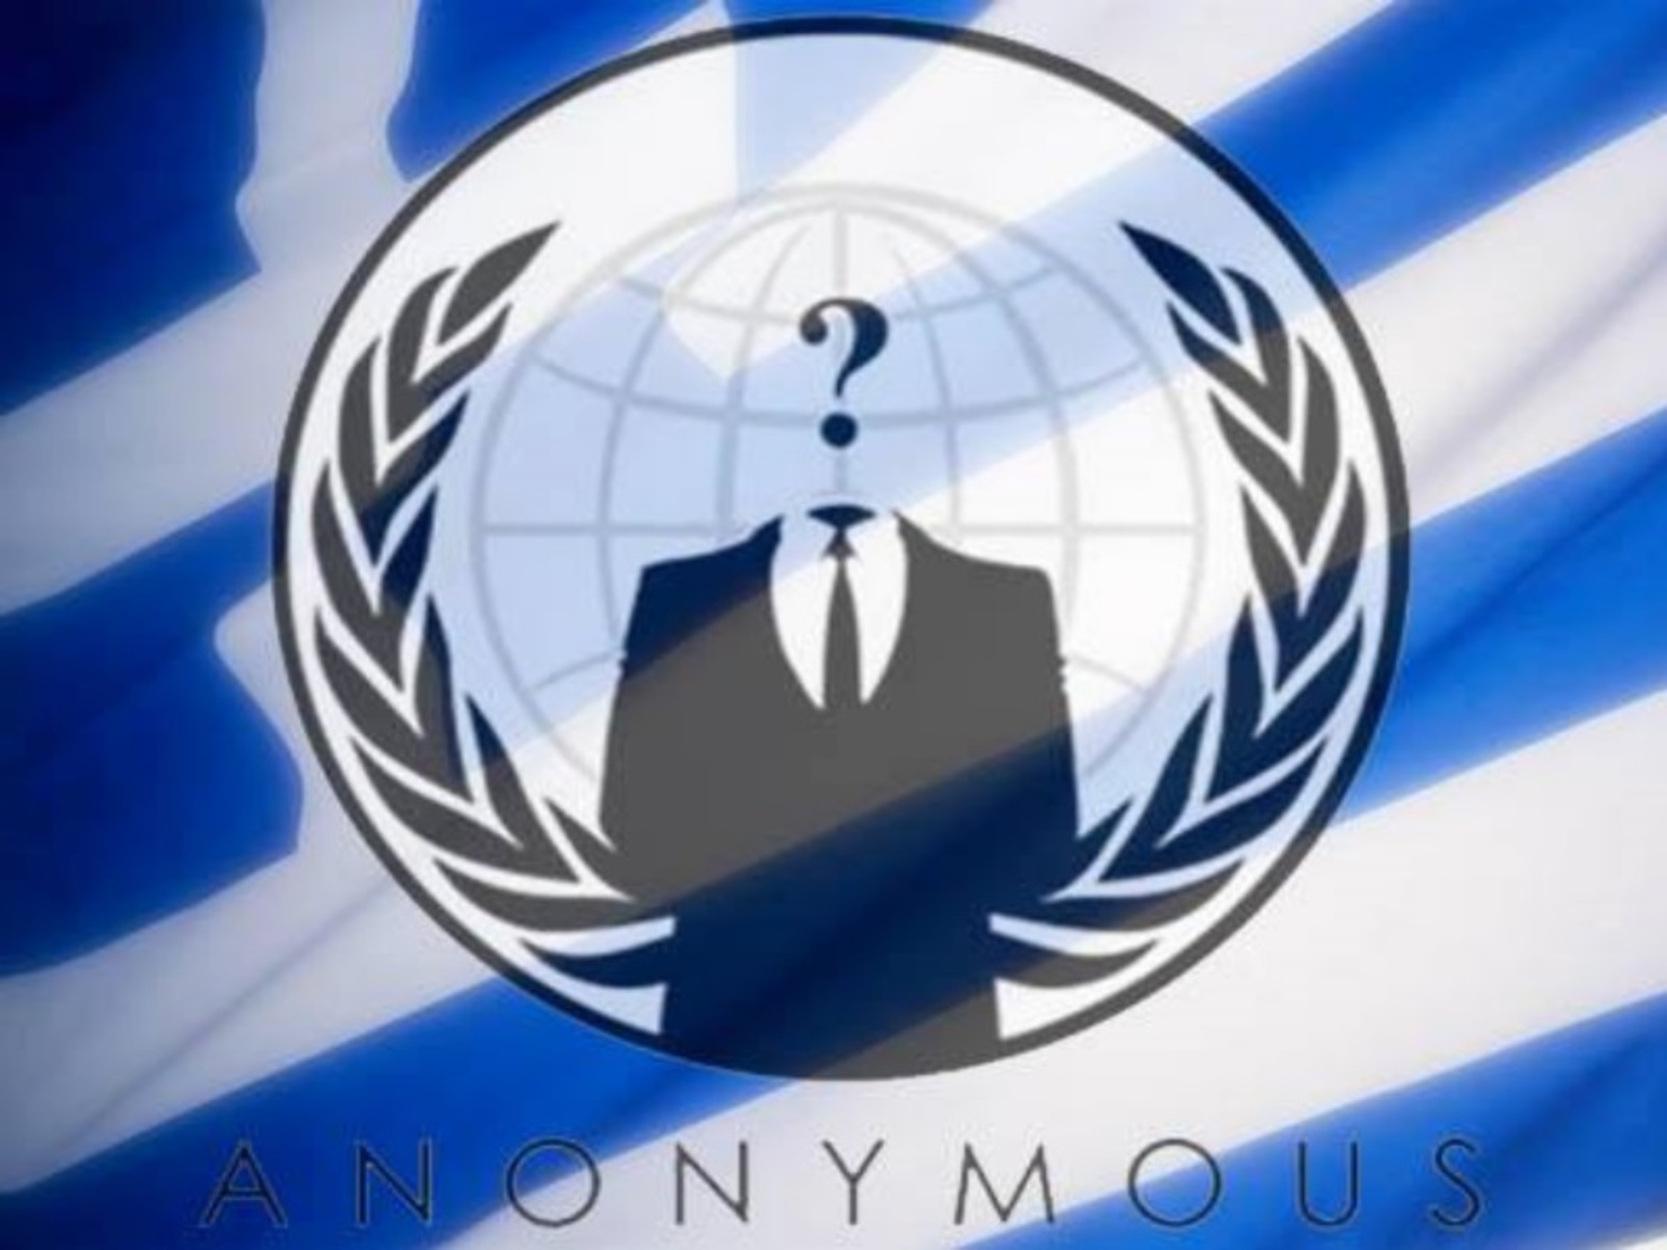 Ο πόλεμος ξεκίνησε! Anonymous Greece: Αυτοί είναι οι Τούρκοι χάκερς που έριξαν τα κυβερνητικά sites - Στην φόρα ονόματα και στοιχεία